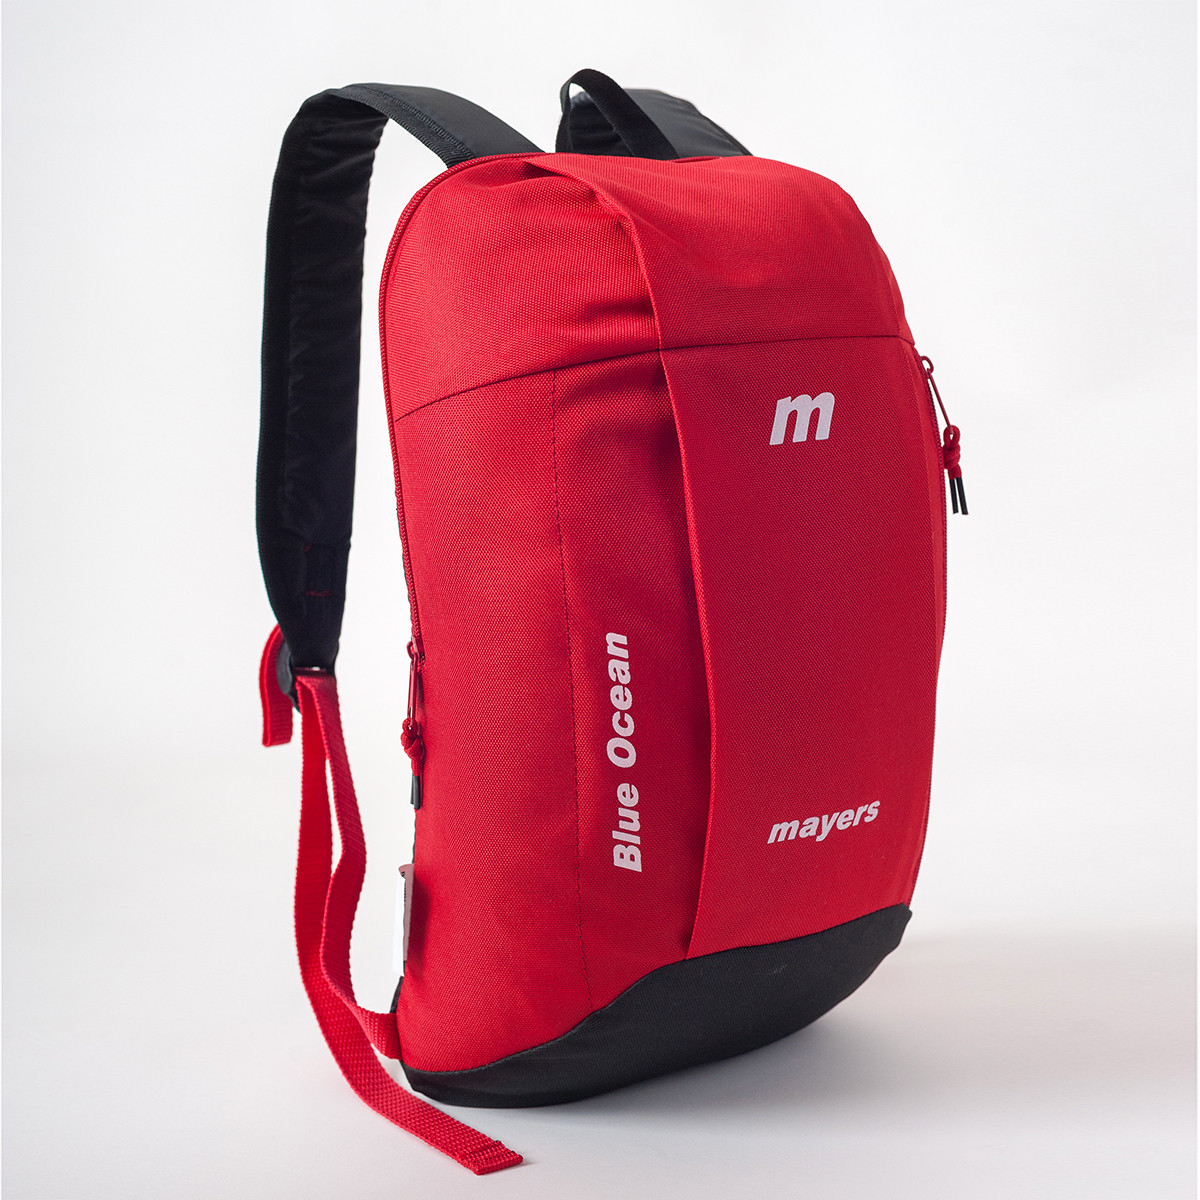 Спортивный рюкзак MAYERS 10L, красный + черный, фото 2